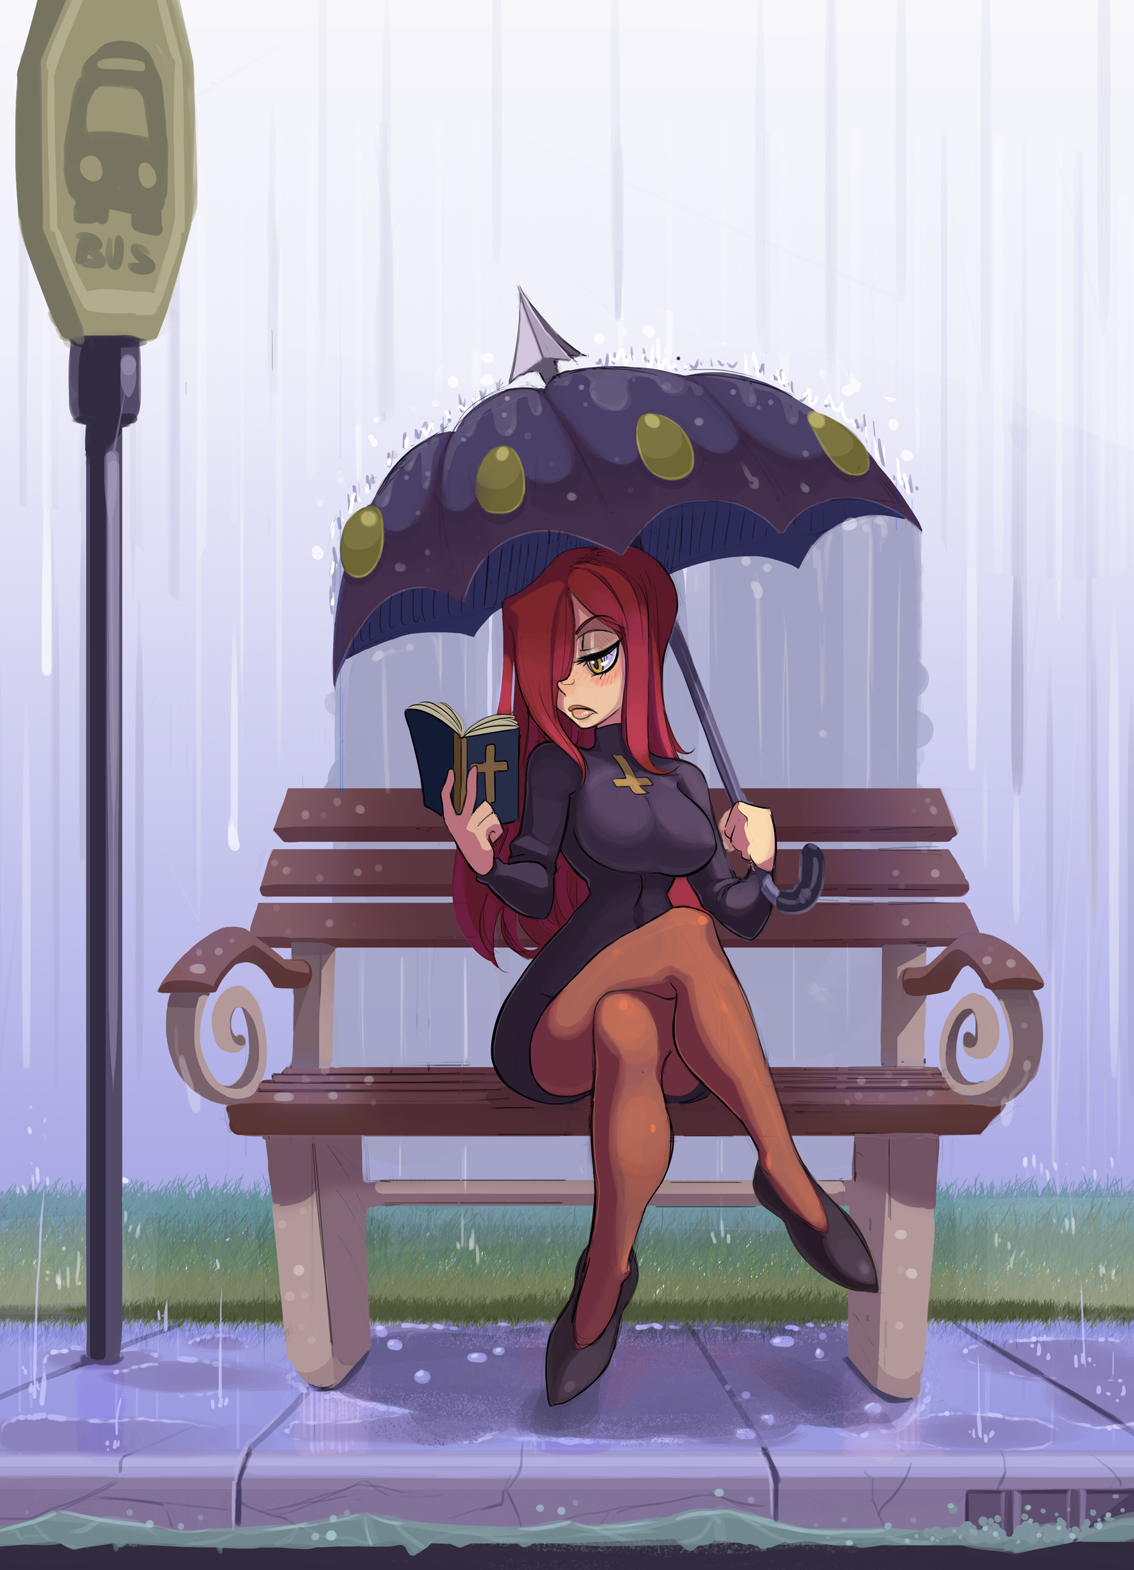 Parasoul Rain